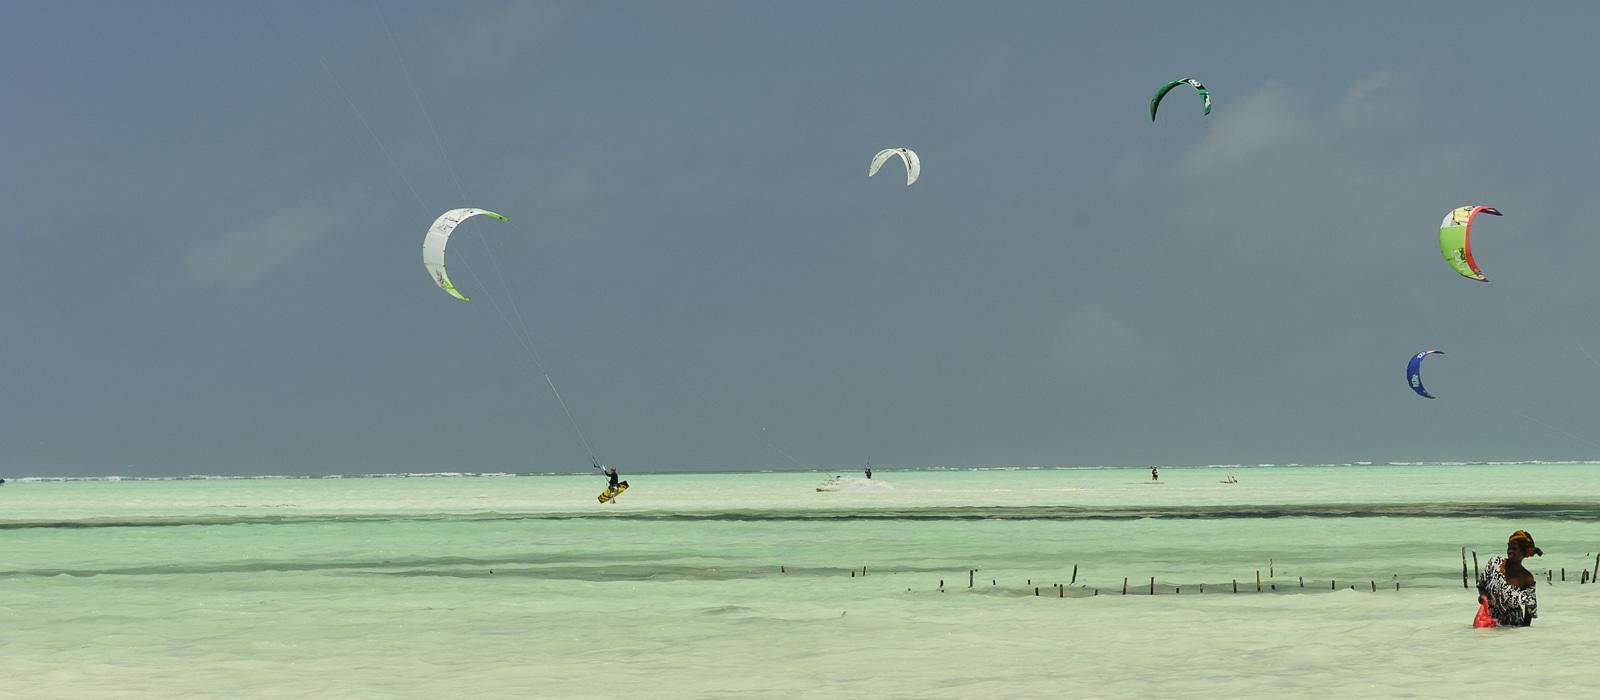 Voyage organisé en petit groupe - Océan Indien Zanzibar - Tanzanie - Agence de voyage Les Routes du Monde